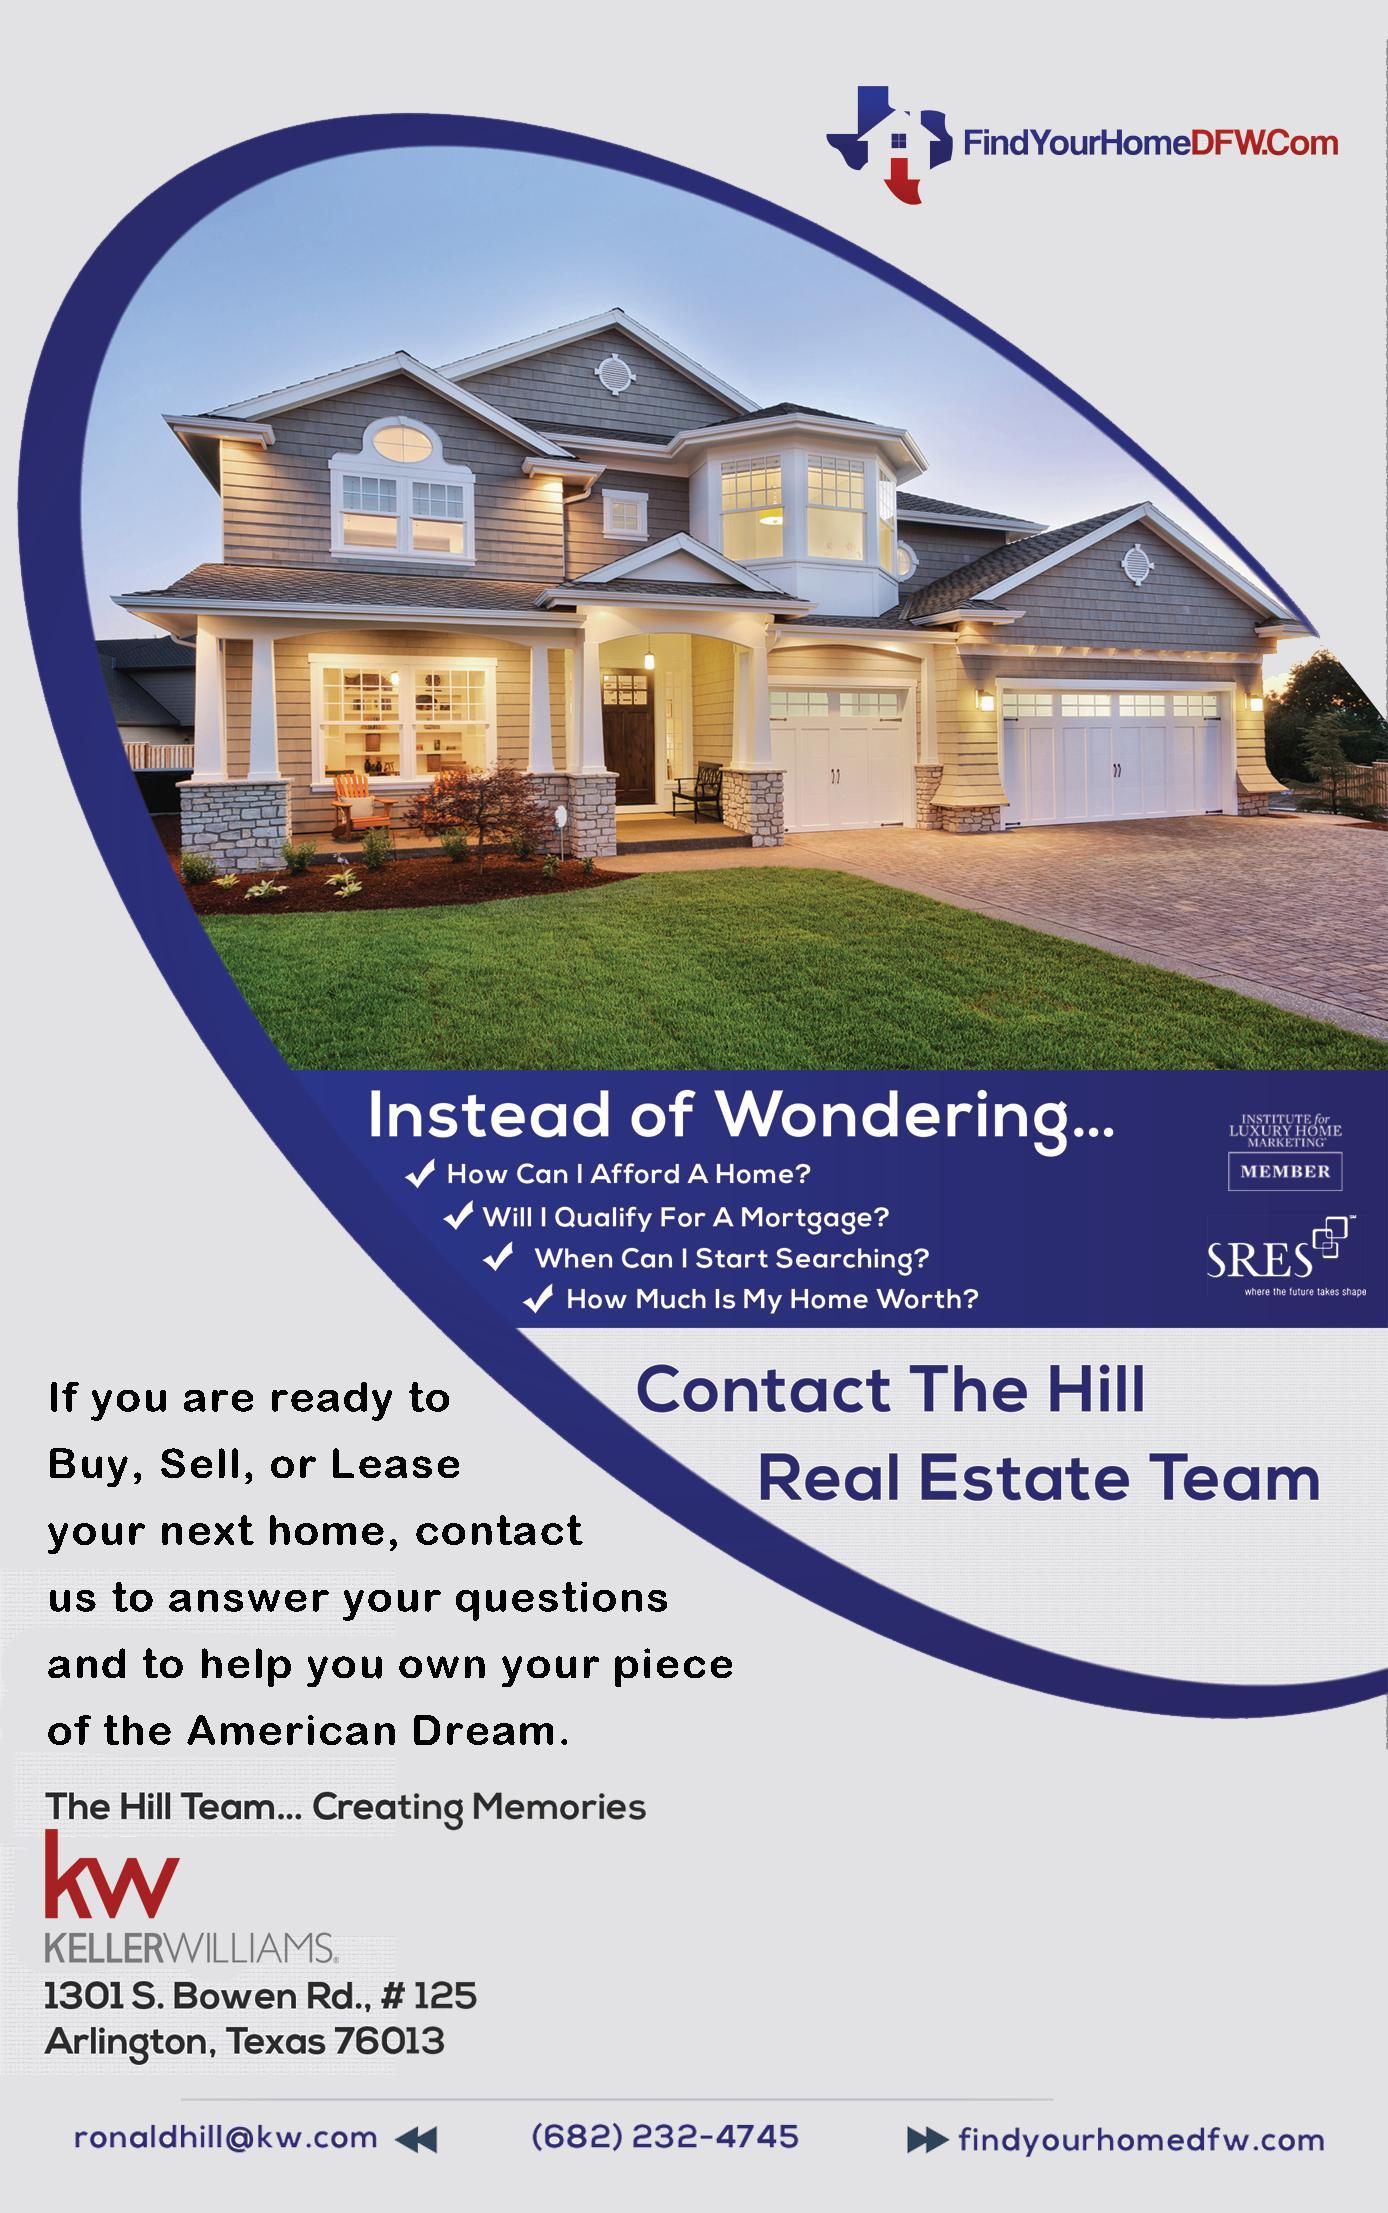 Keller Williams Realty - Hill